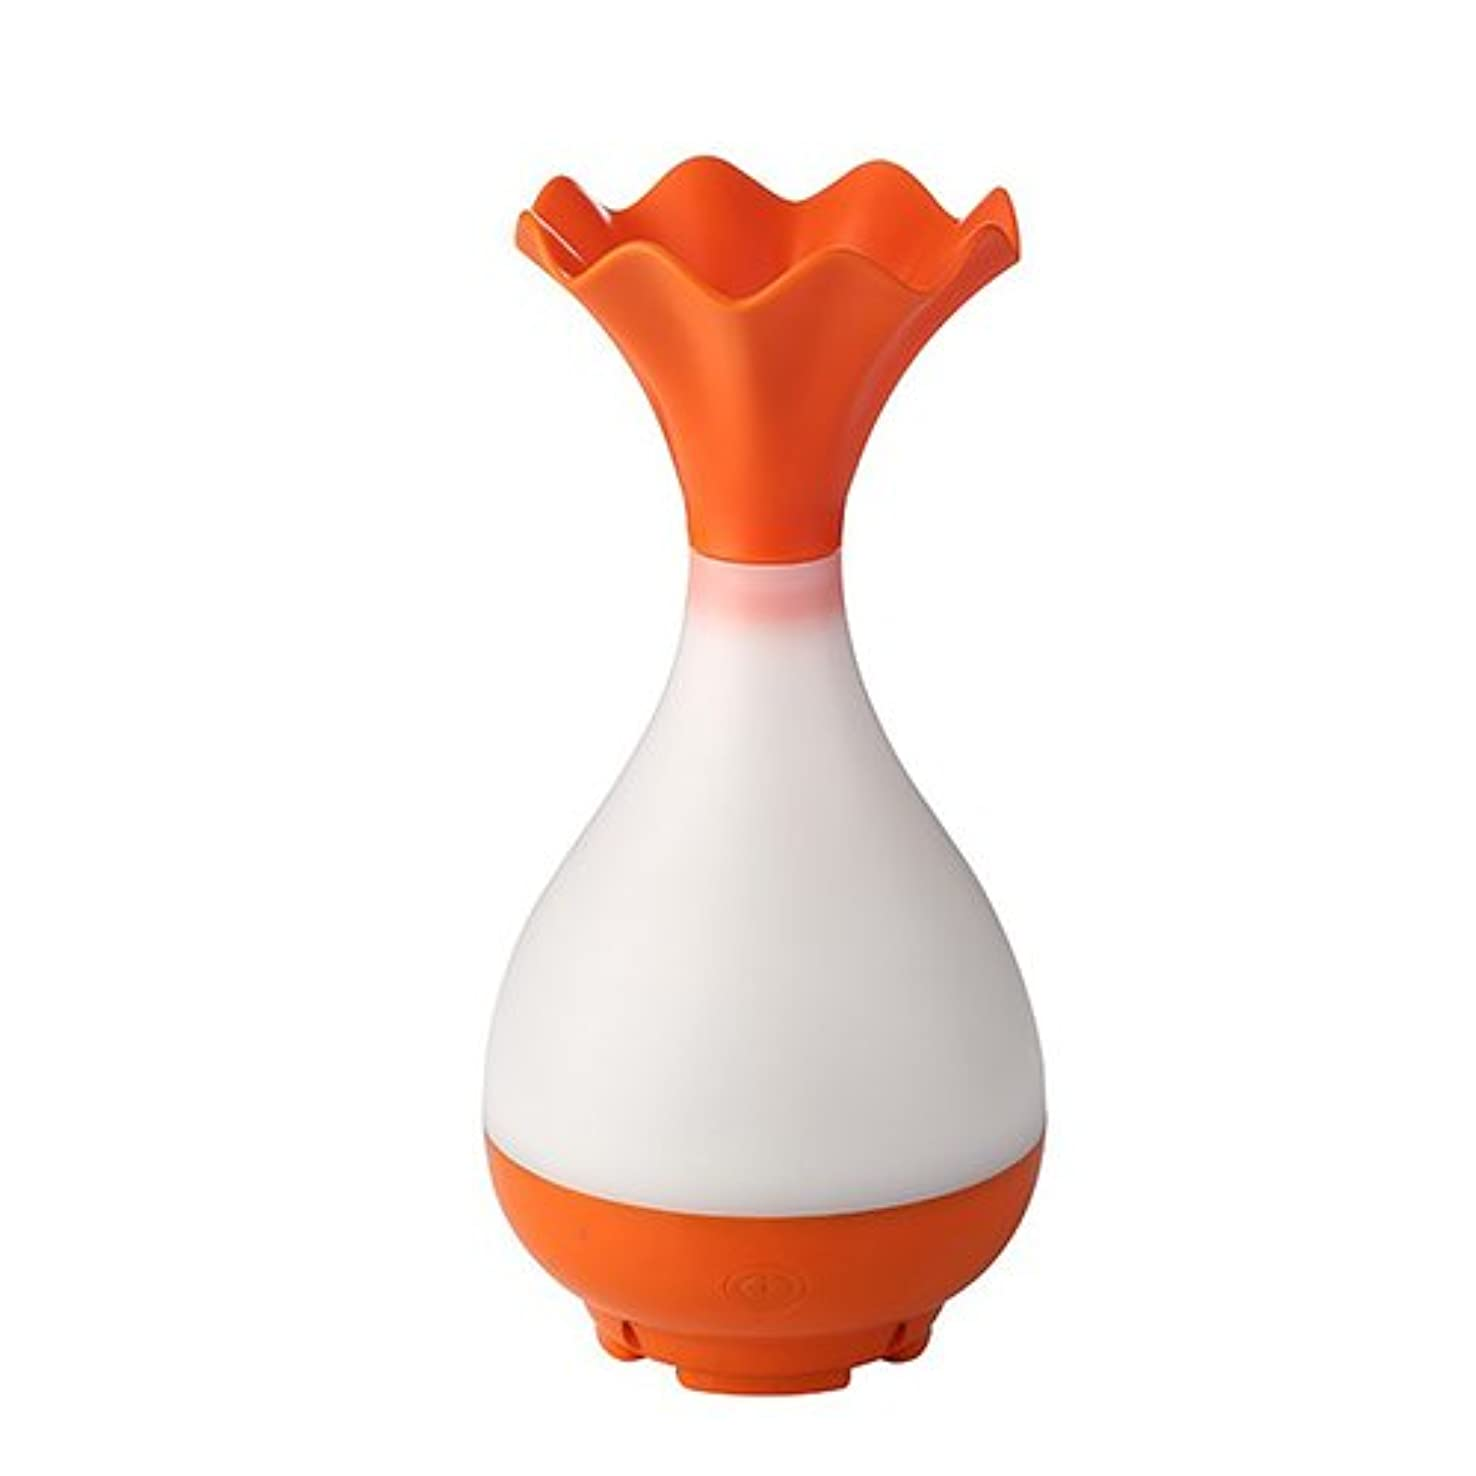 階段重なる不調和Mystic Moments | Orange Vase Bottle USB Aromatherapy Oil Humidifier Diffuser with LED Lighting